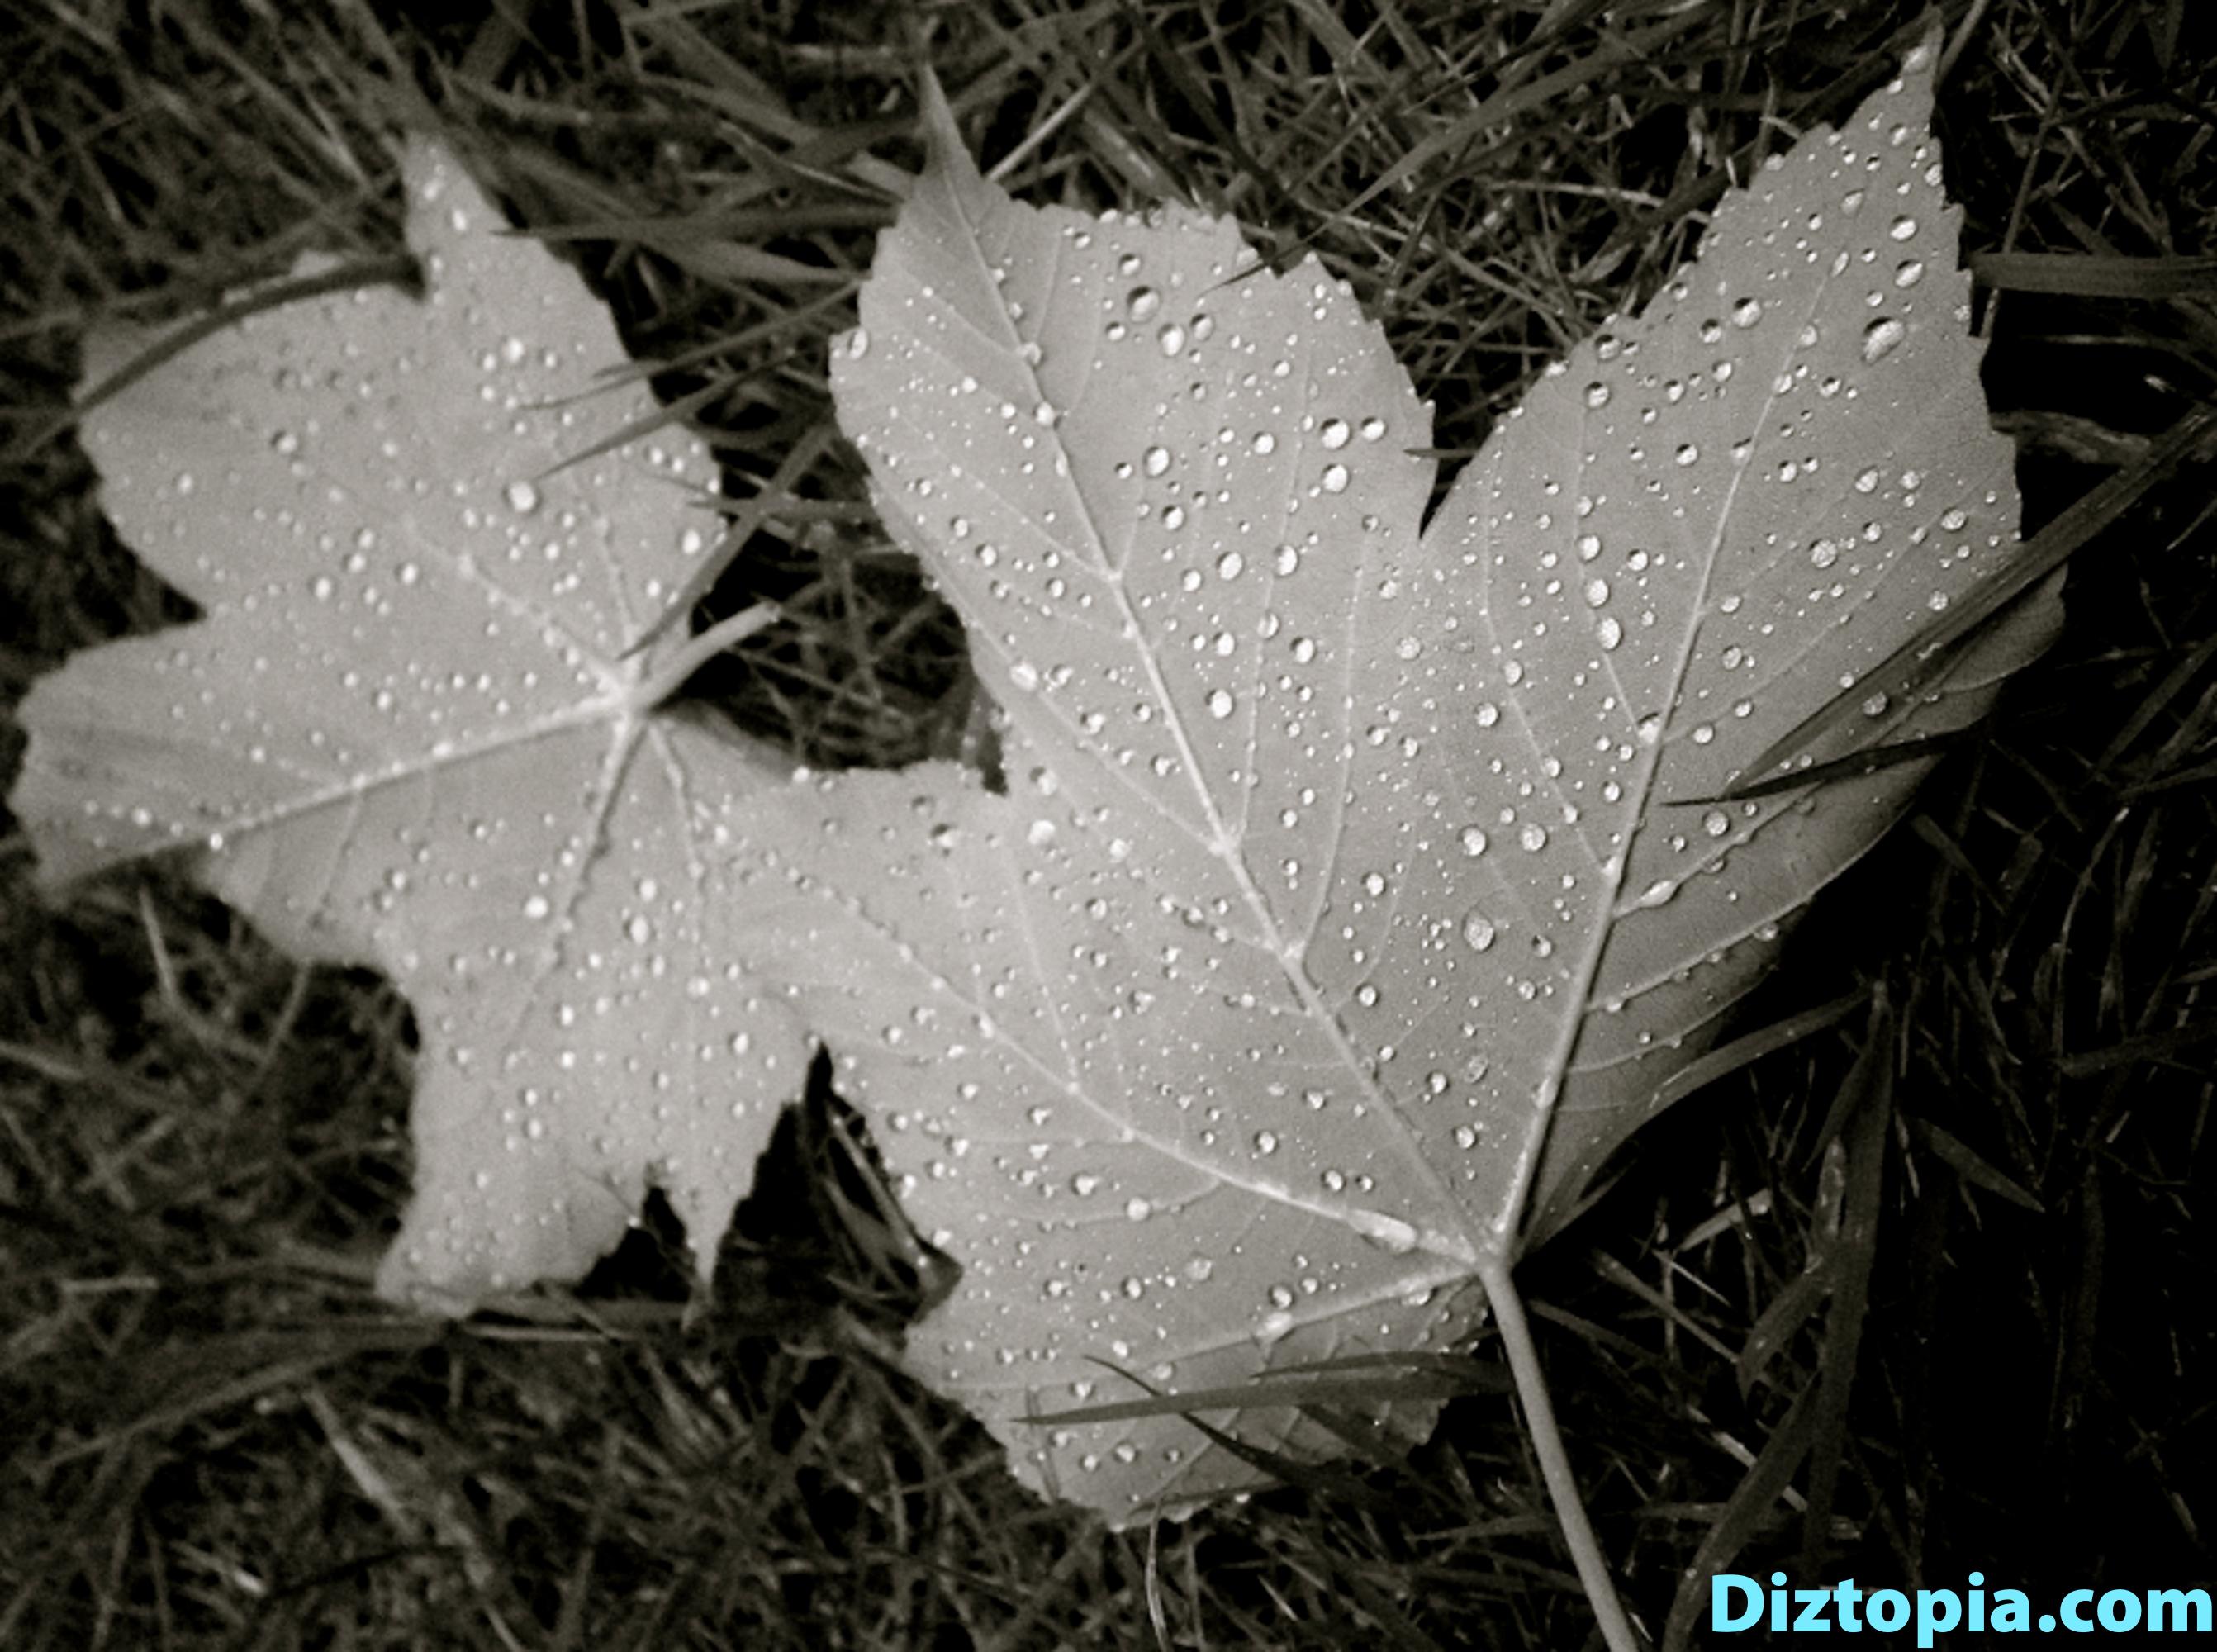 diztopia-com-dizma_dahl-photography-digicam-4